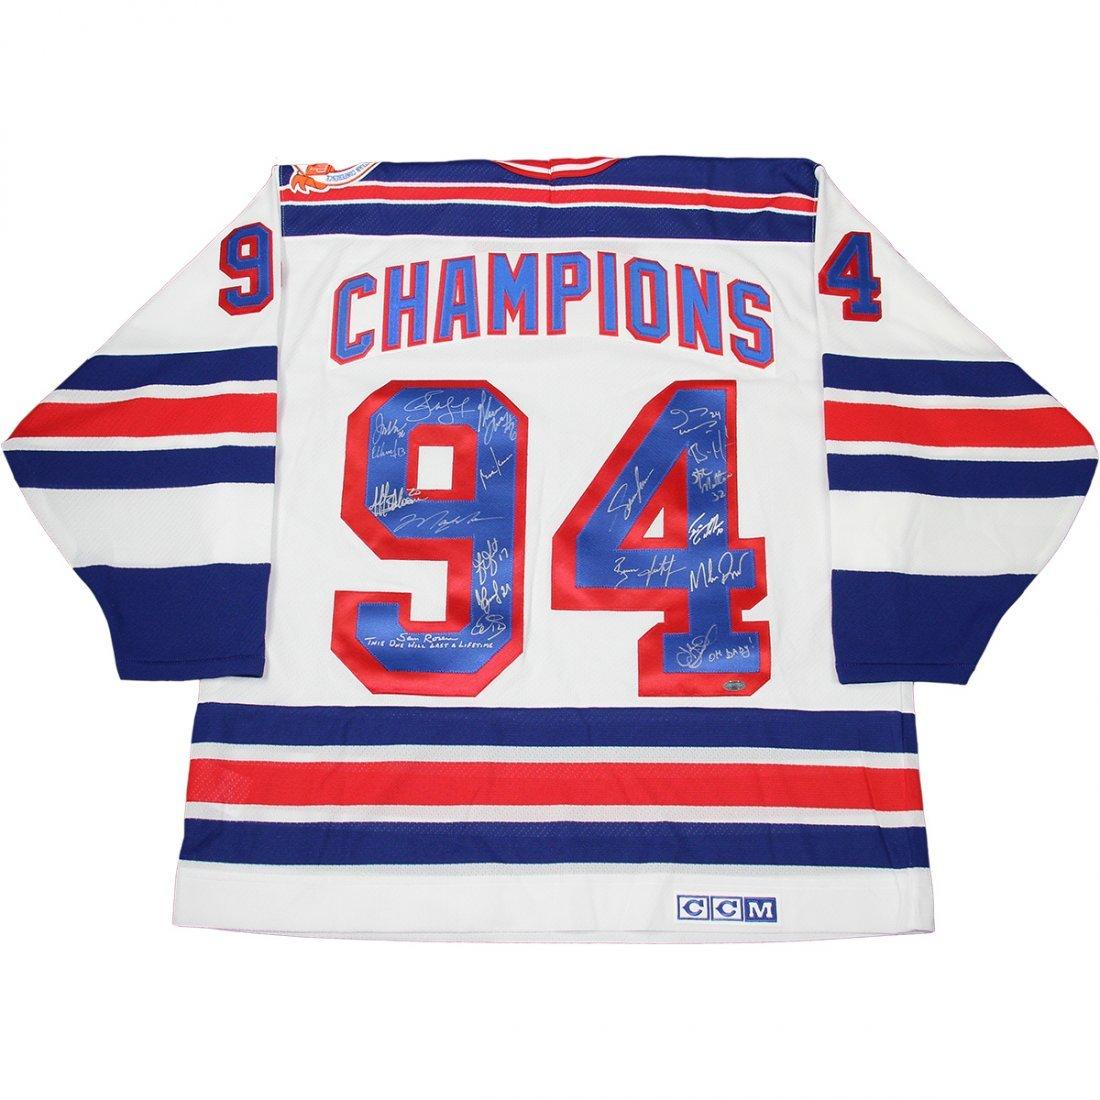 1994 Rangers Team Signed White Rangers '94 Champions' J